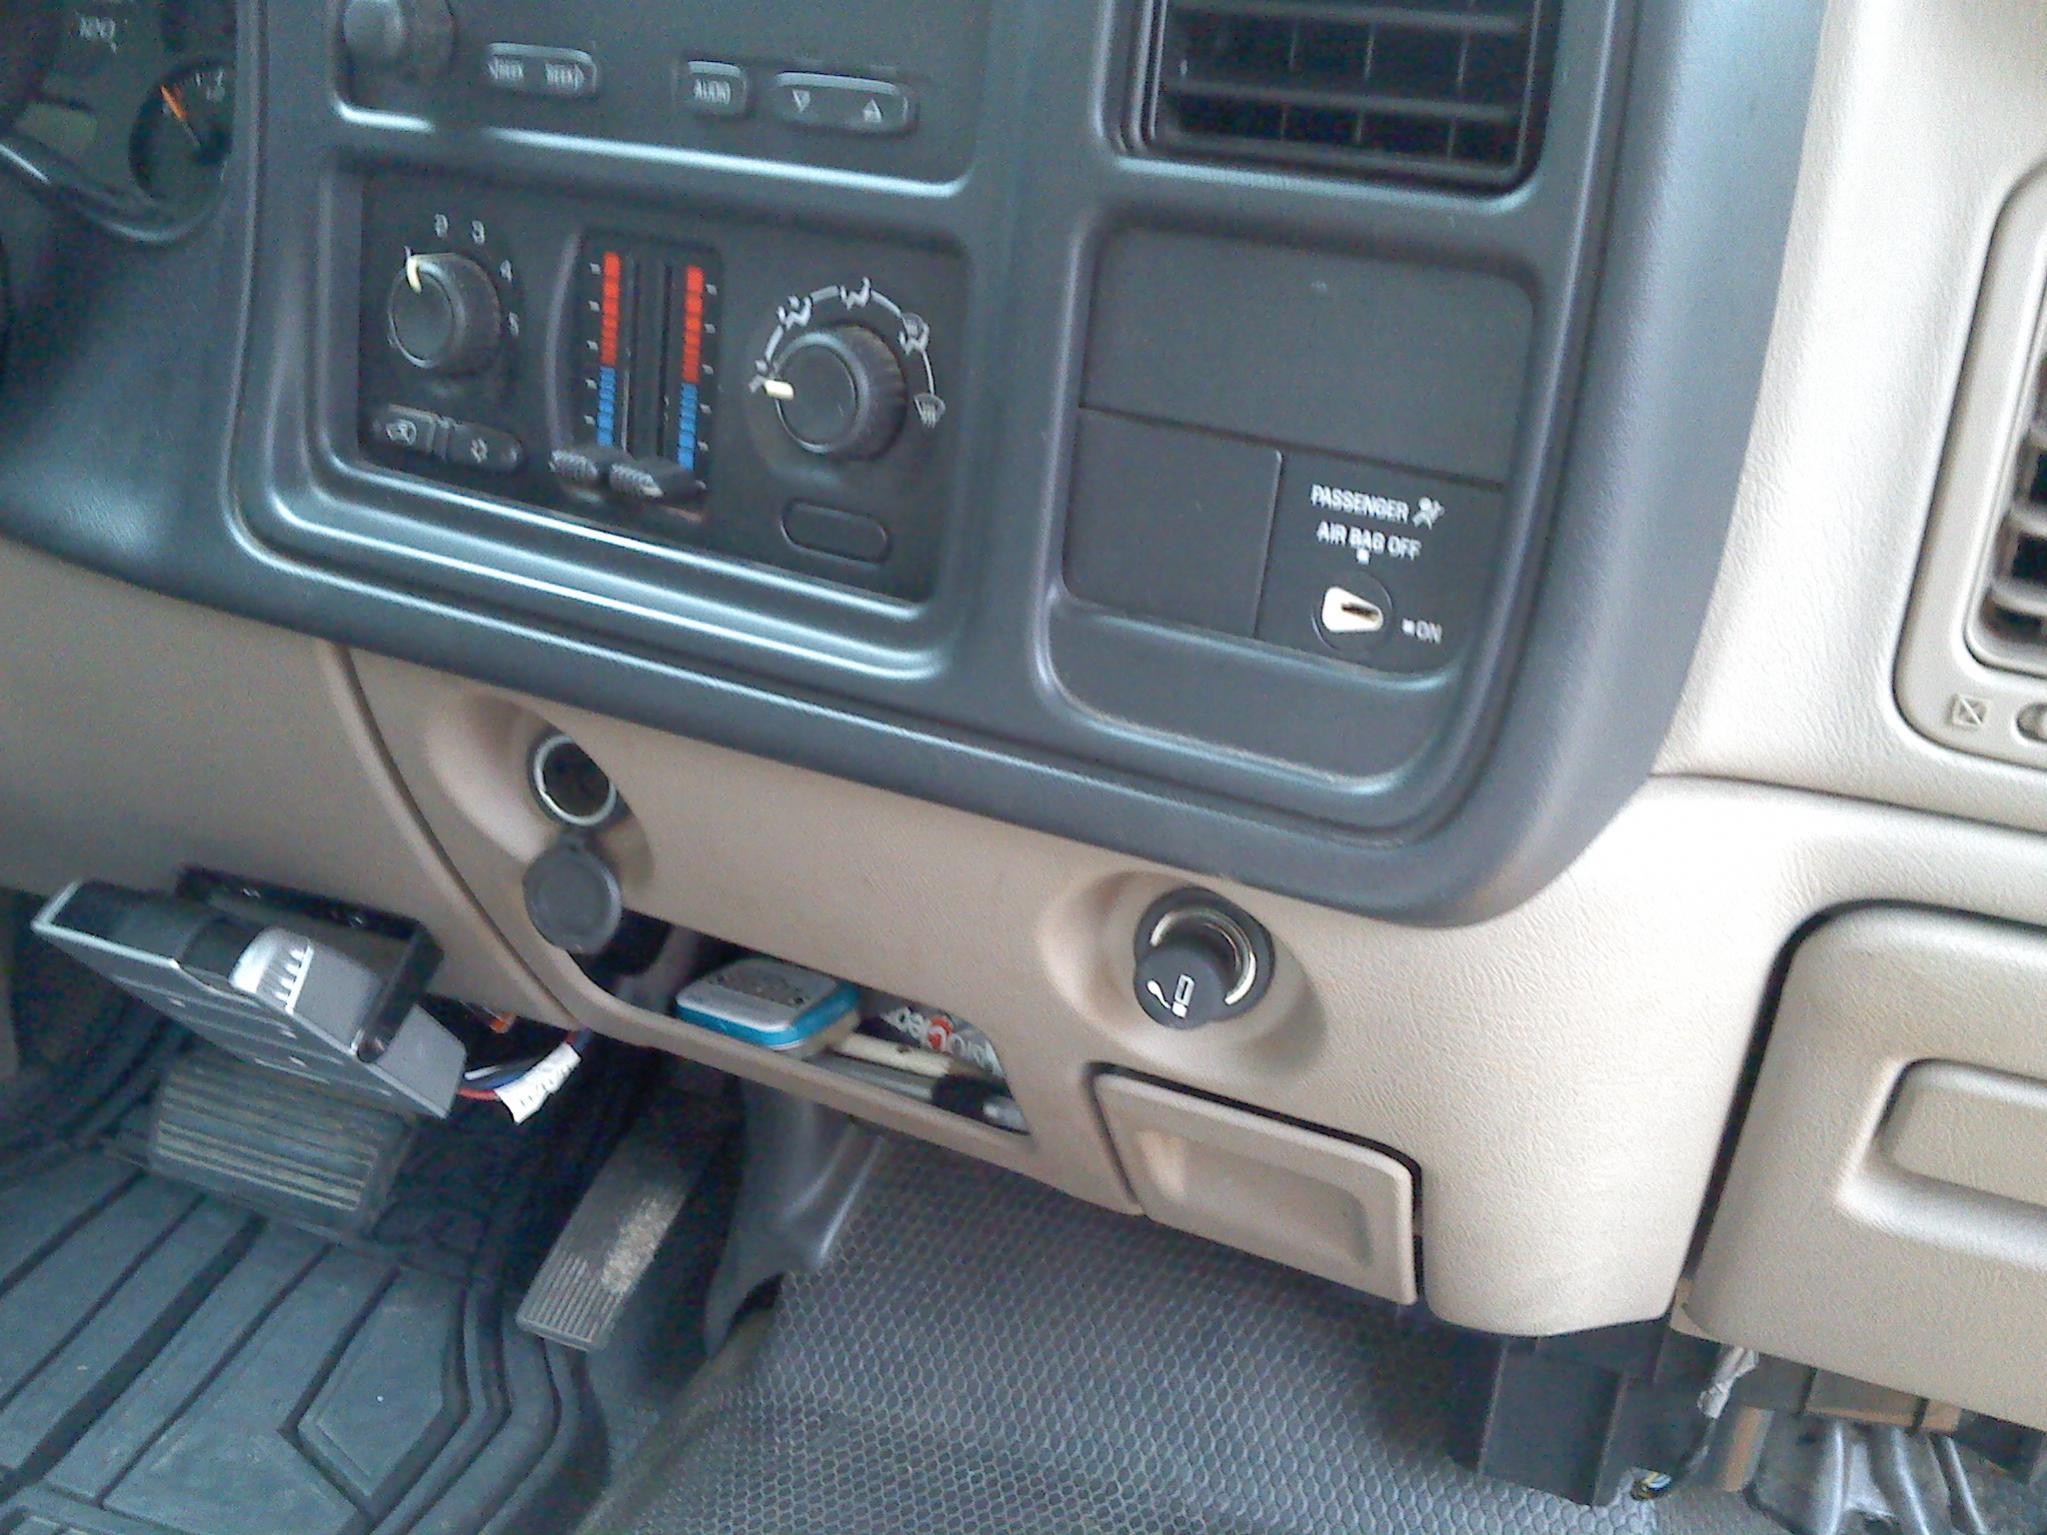 2004 Chevy Silverado Fuse Box